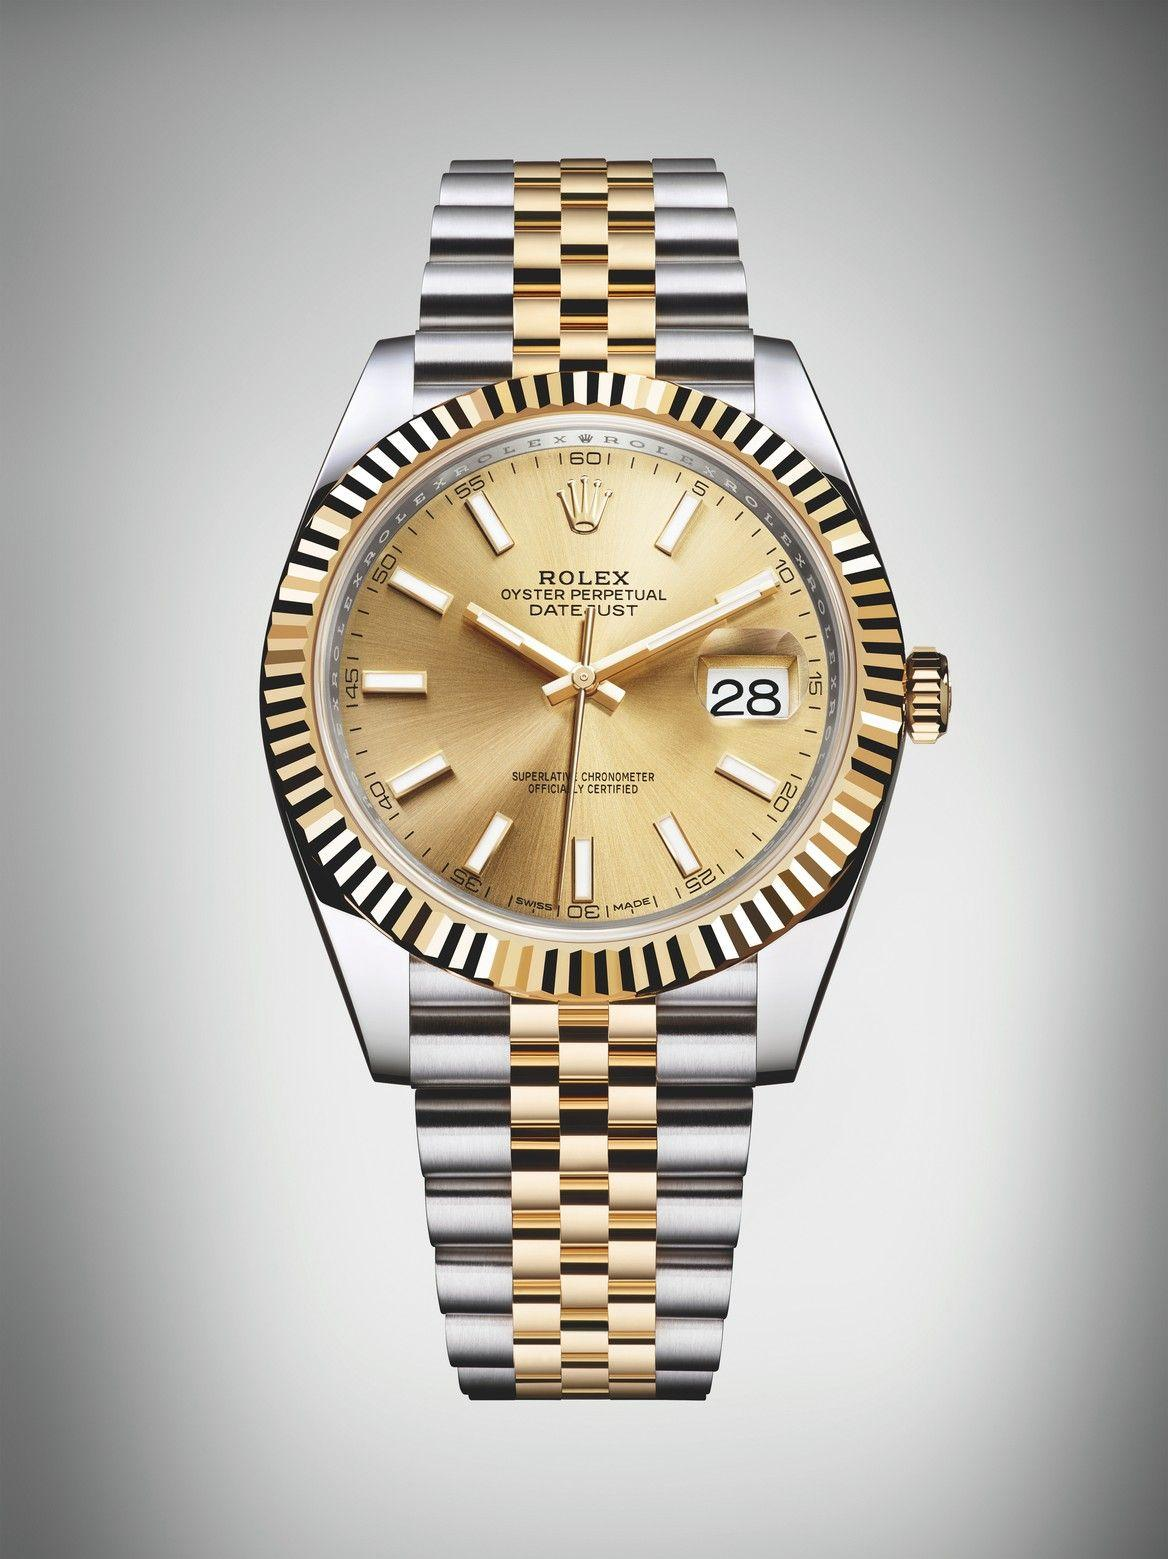 94b125e03f61d Le Novità Rolex Baselworld 2016 | Orologi di Classe